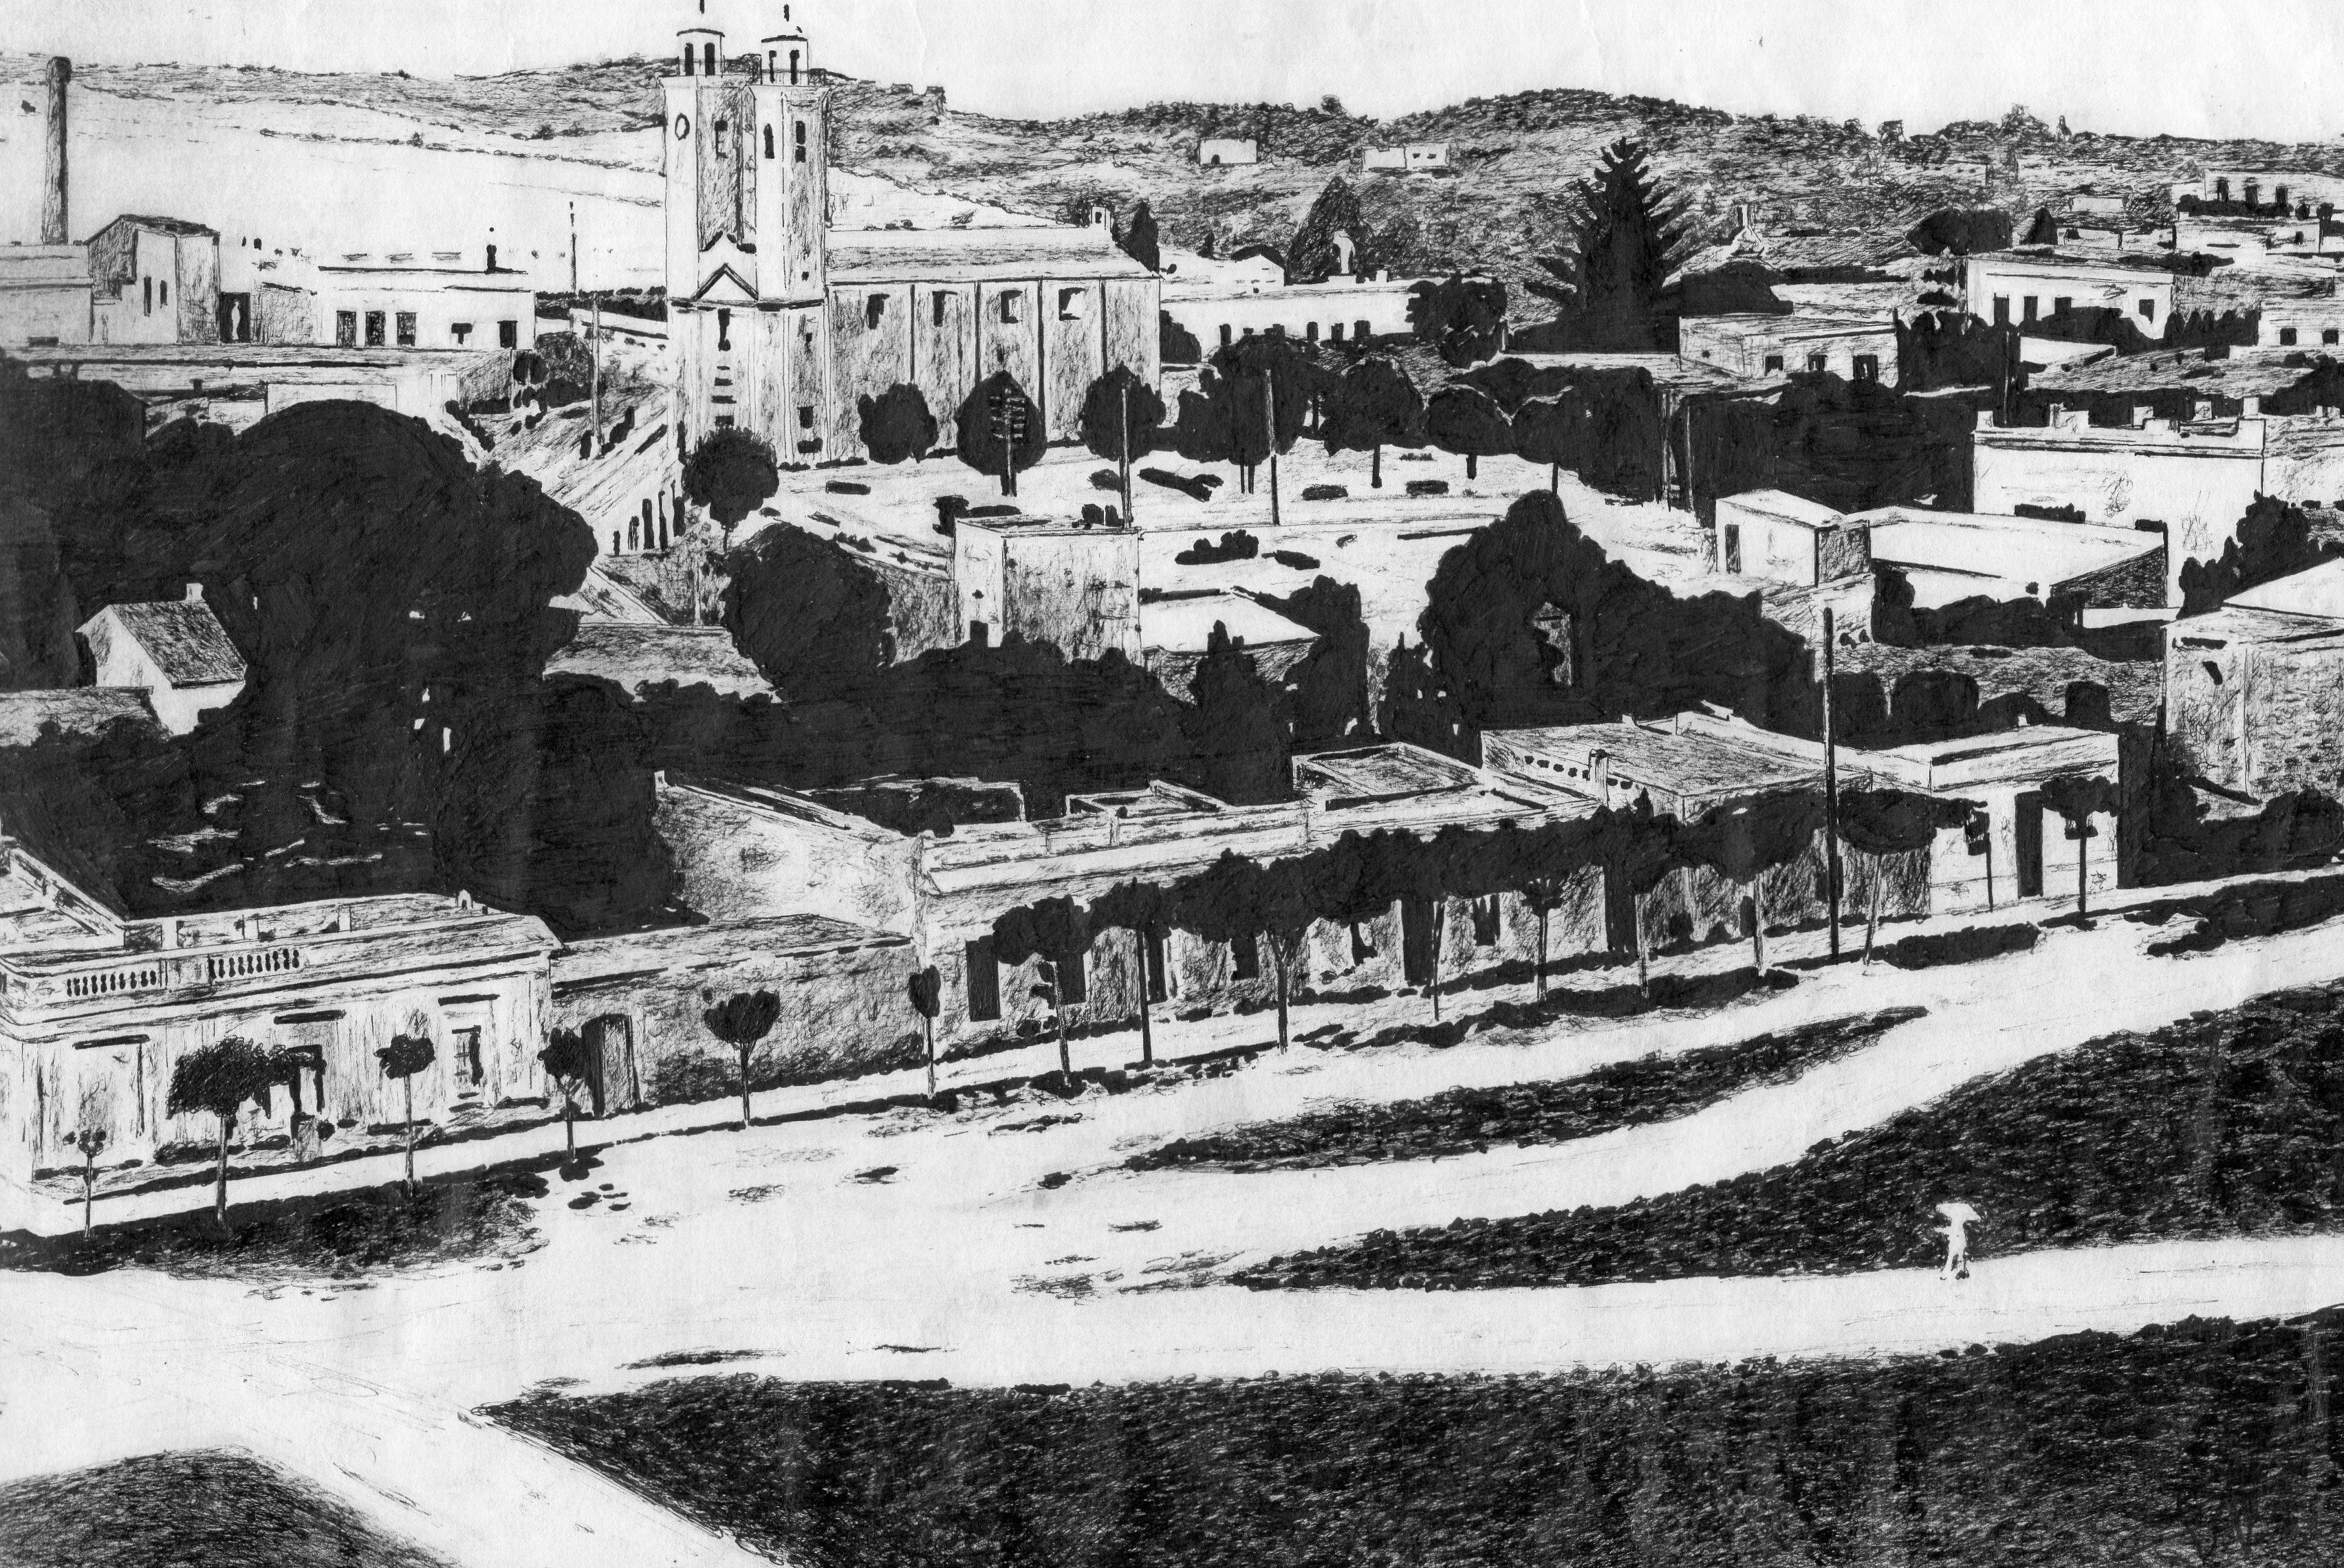 4- Colonia del Sacramento (UY) drawn old photo